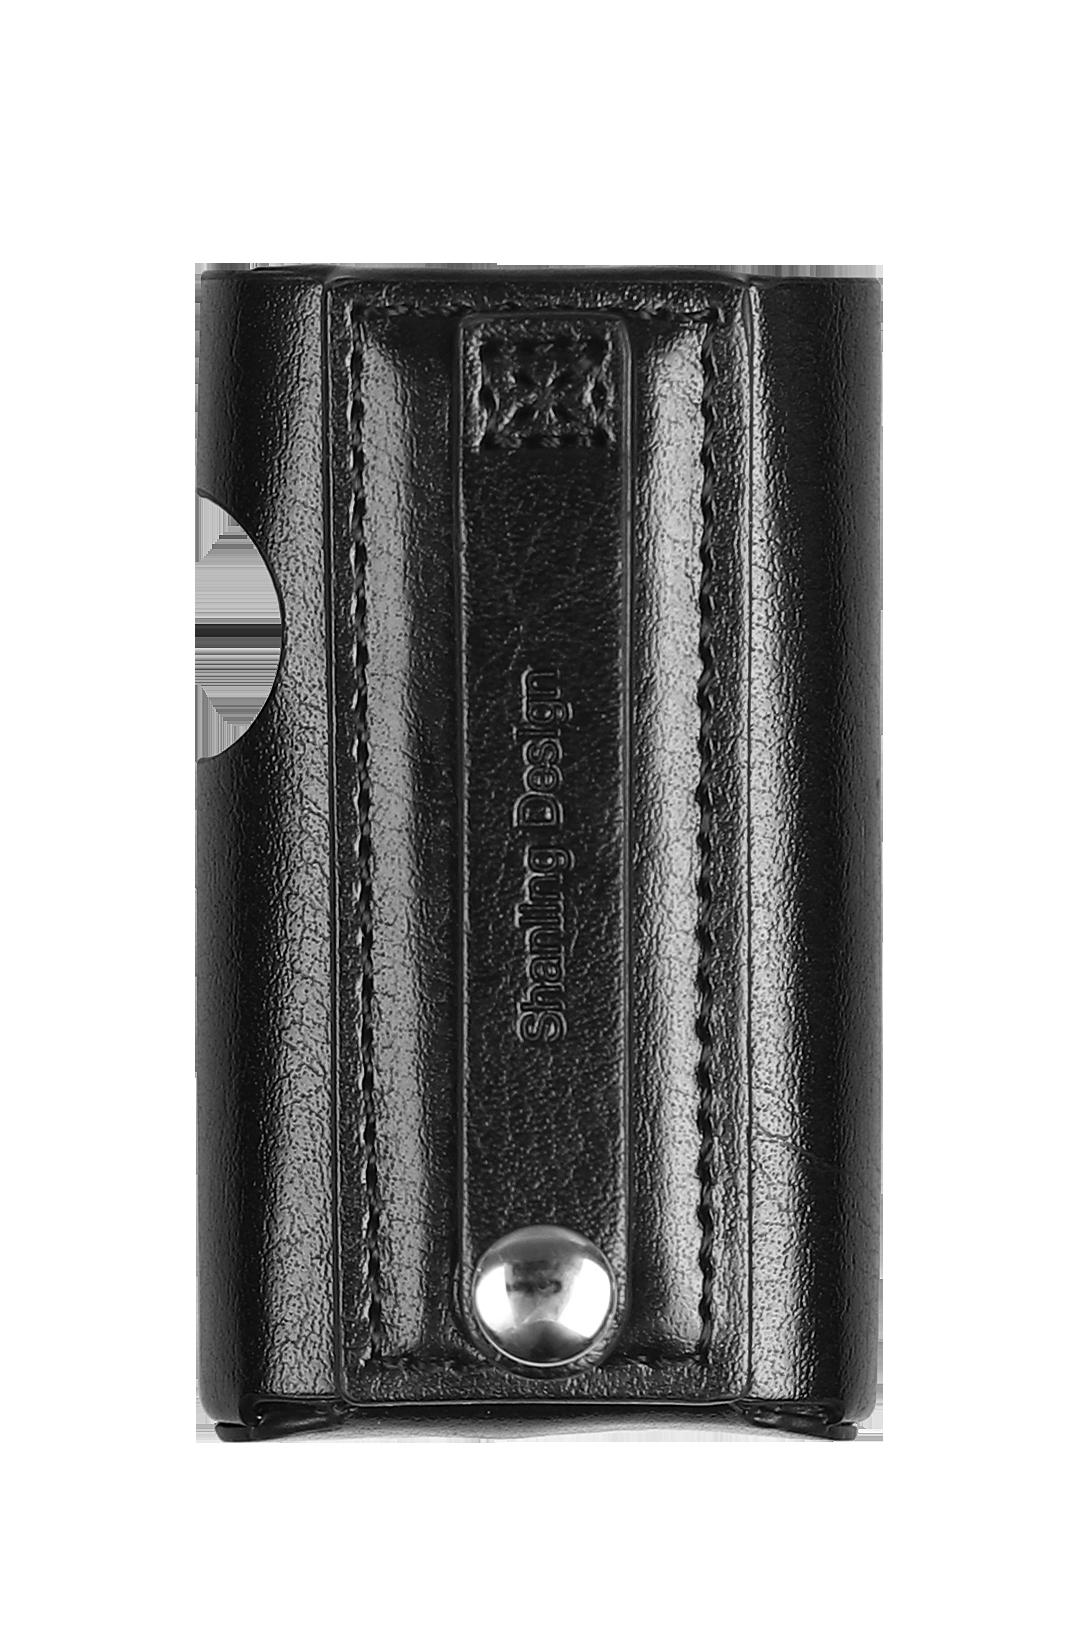 Чехол для беспроводного усилителя Shanling UP4. Цвет: чёрный.